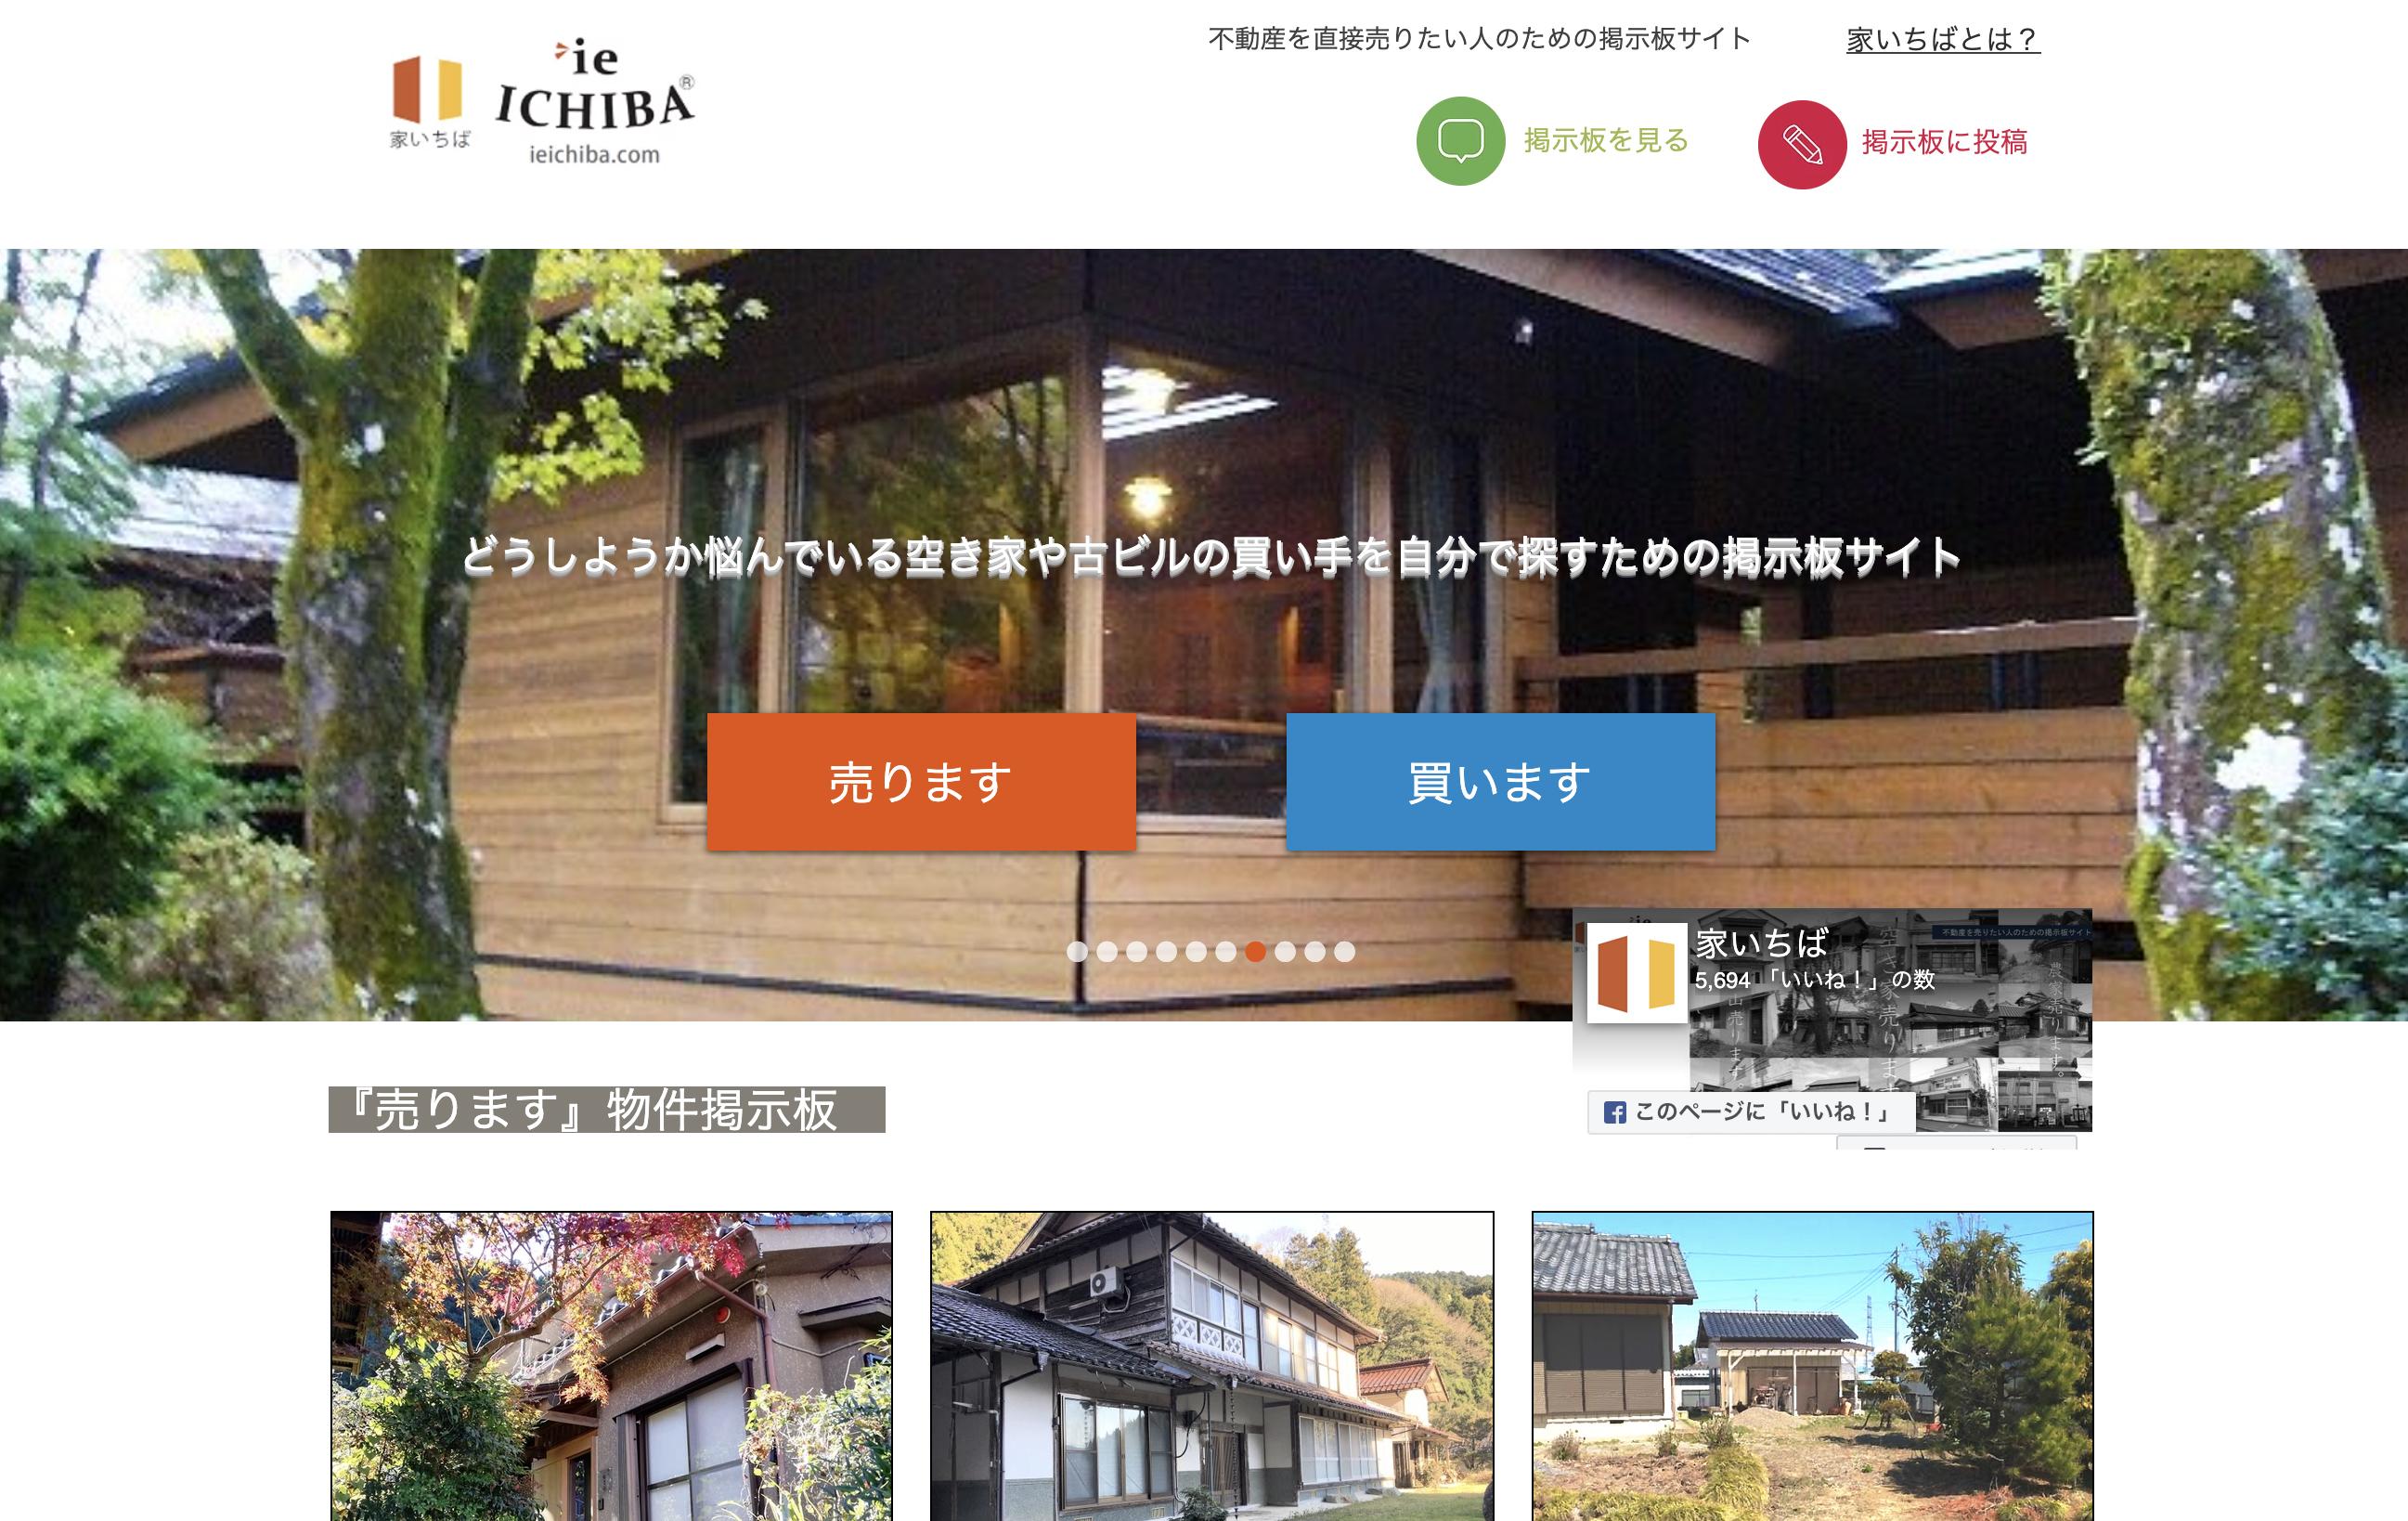 家いちばのホームページ画像